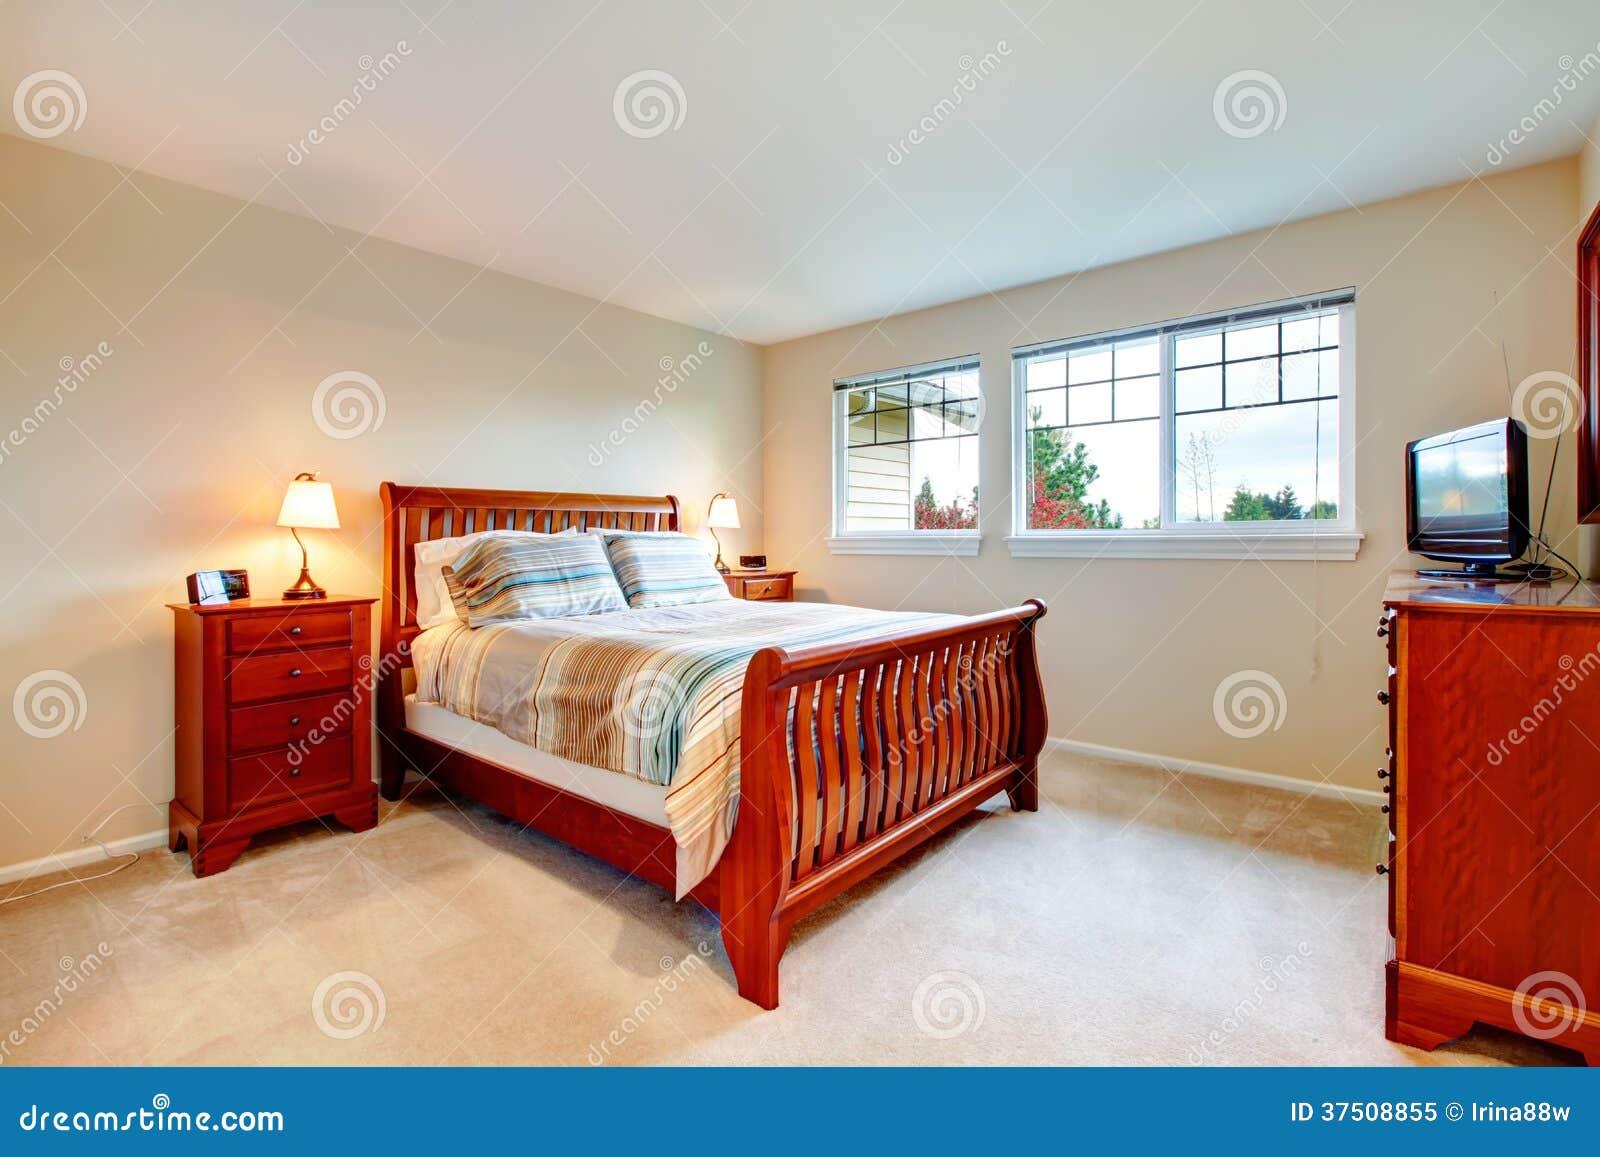 couleur chaude chambre chambre deco idee deco chambre With beige couleur chaude ou froide 0 cuisine indogate rideau chambre froide deco chambre